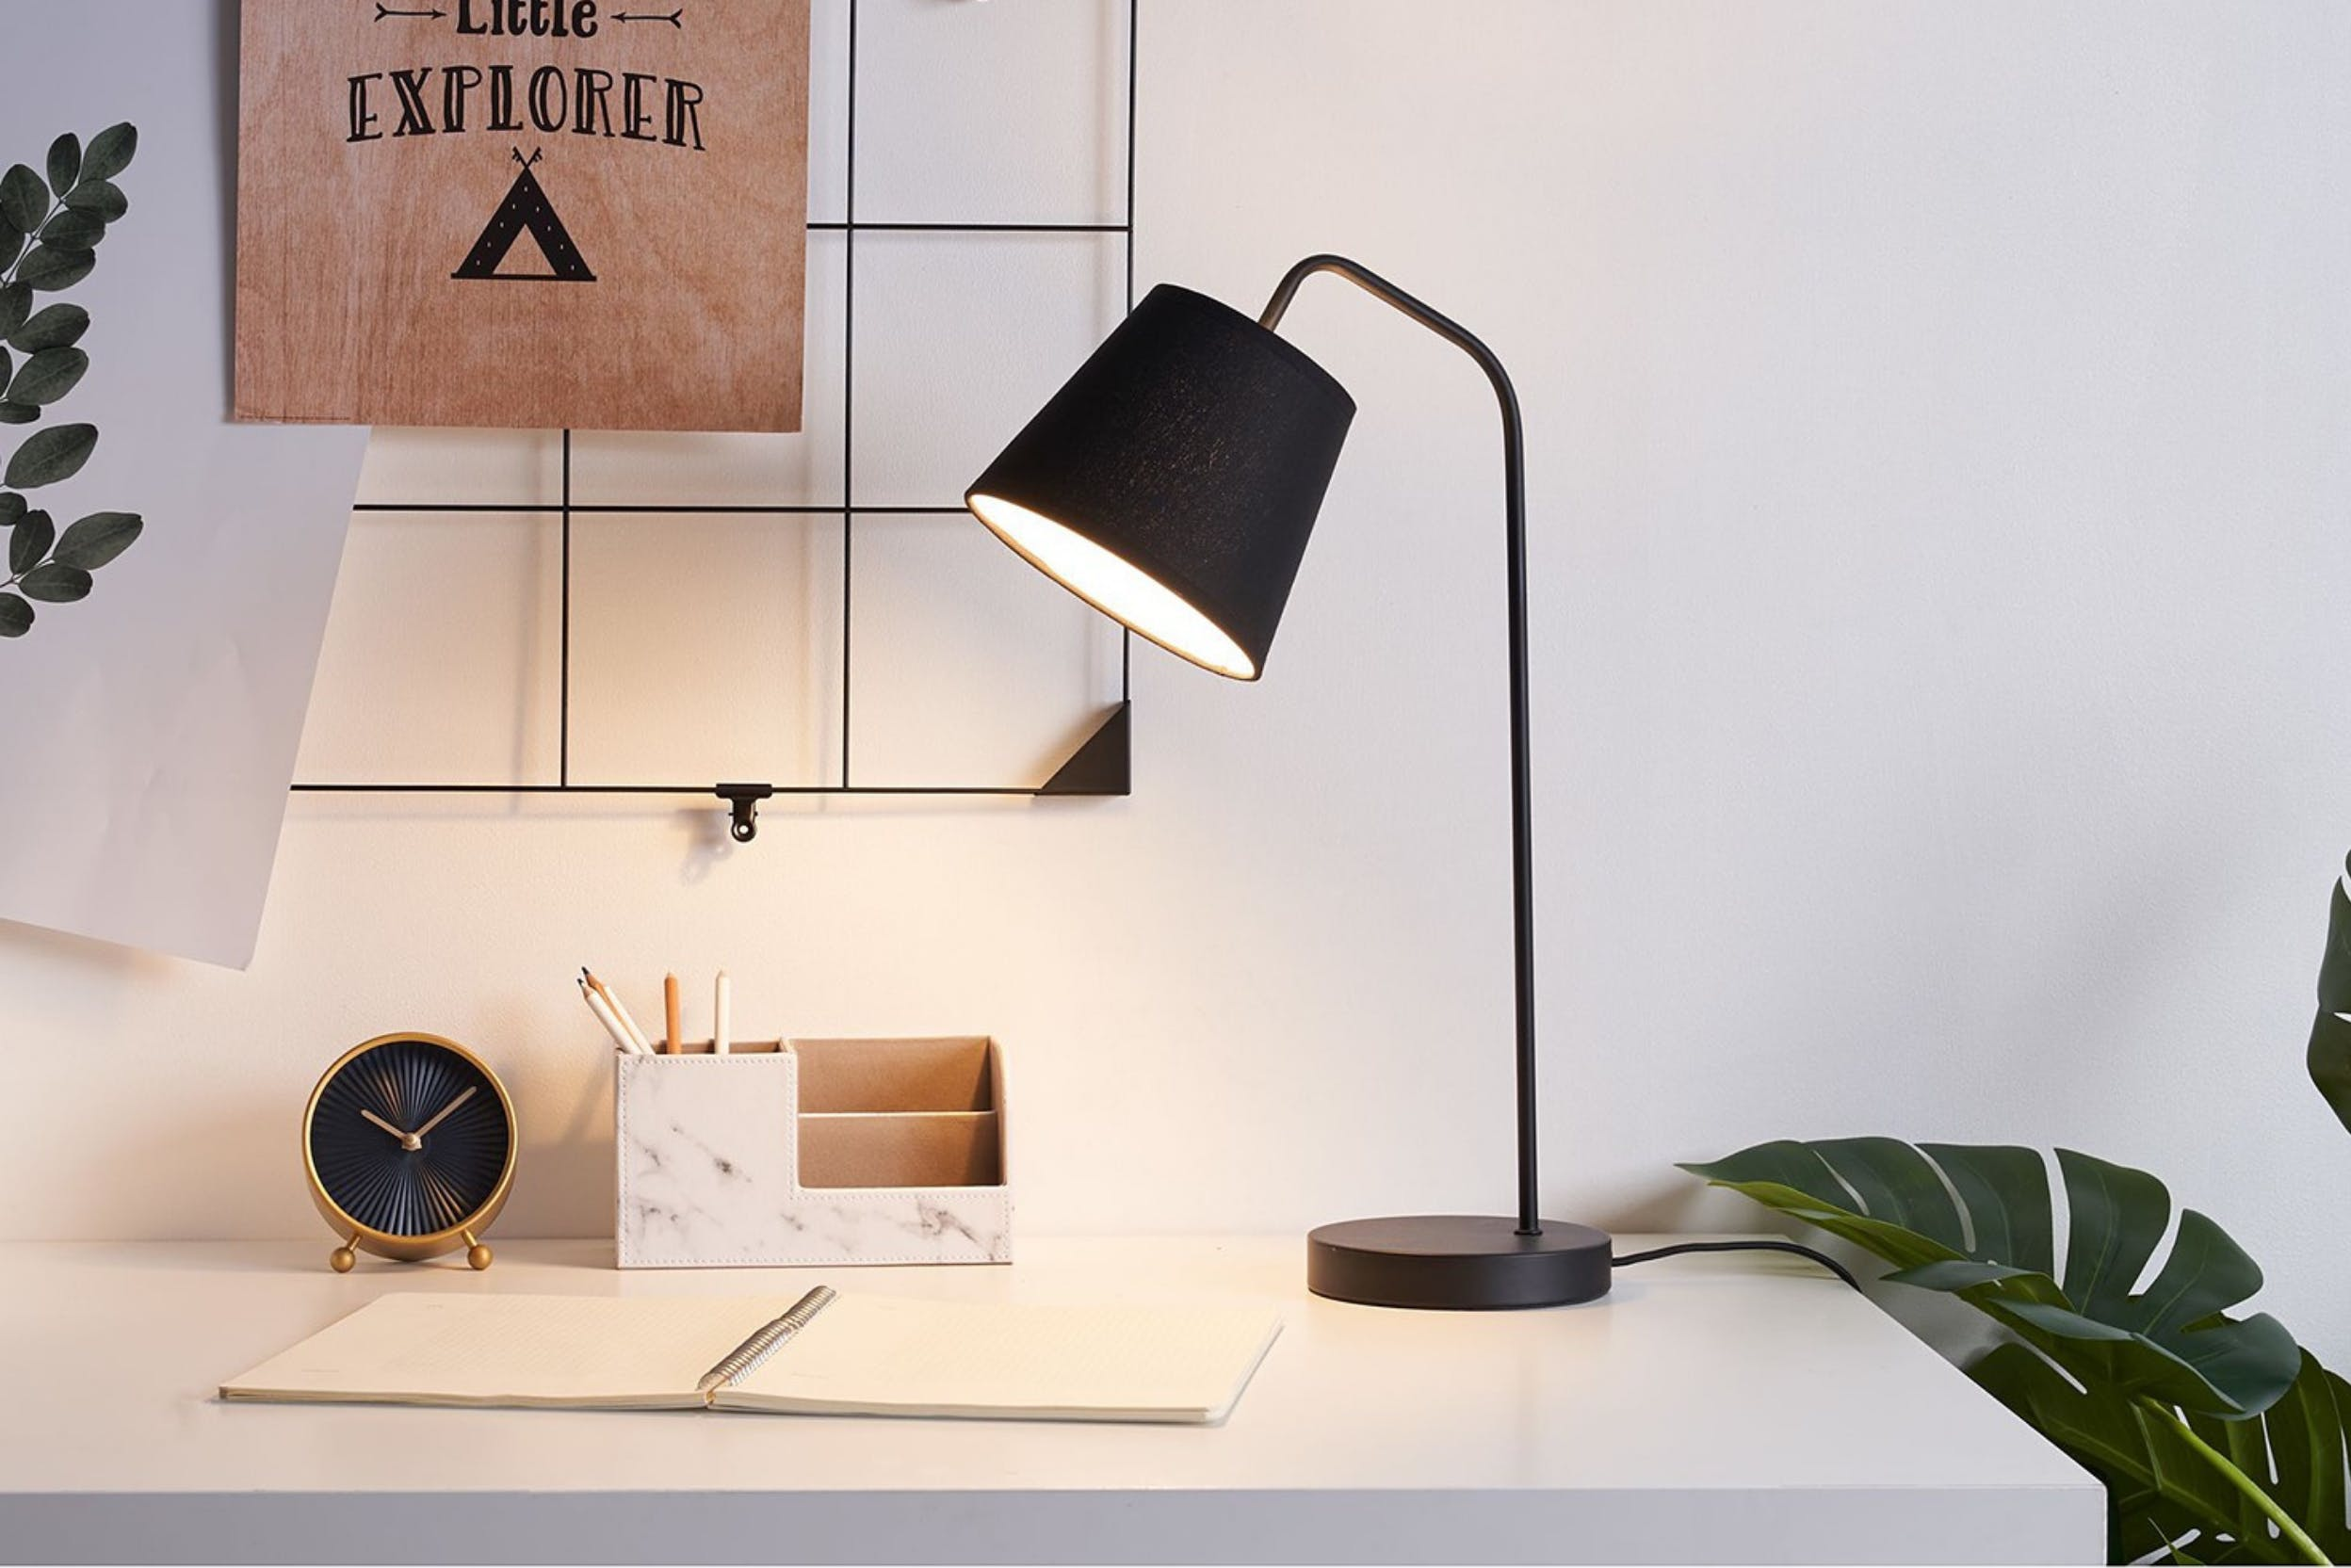 Schwarze Tischlampe auf weißem Schreibtisch